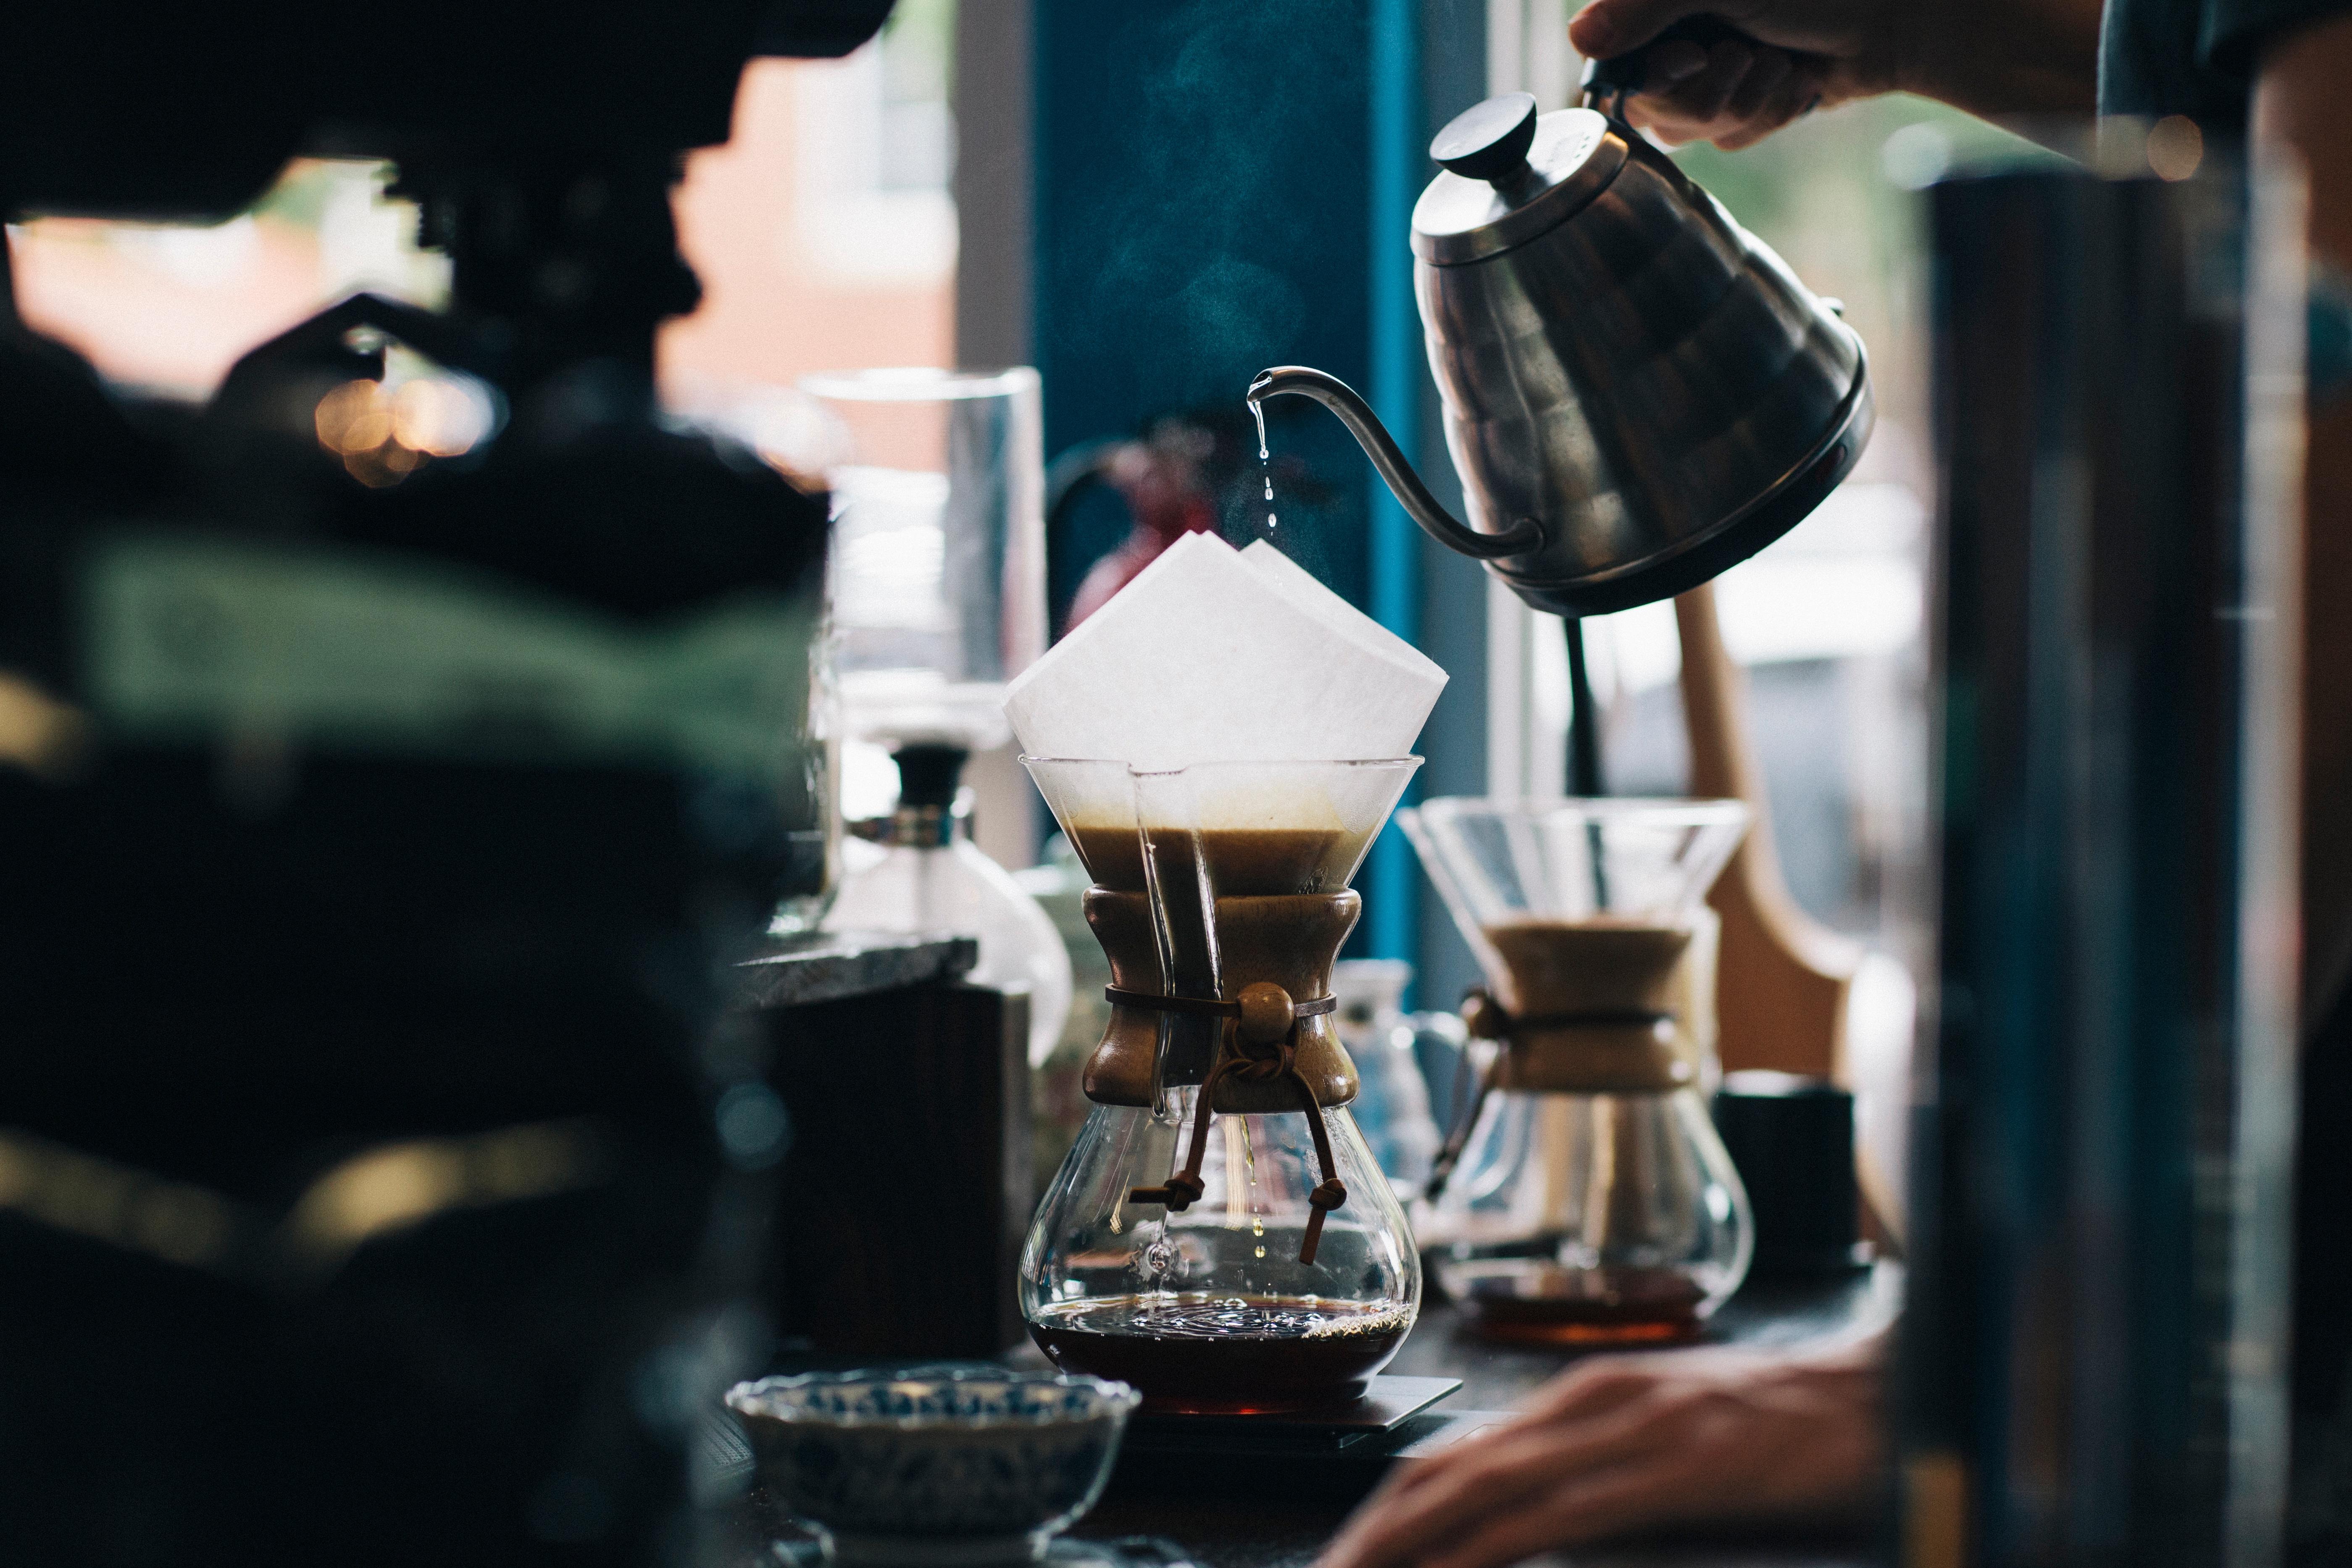 ヤカンではなく、ケトルがコーヒー用のイメージ